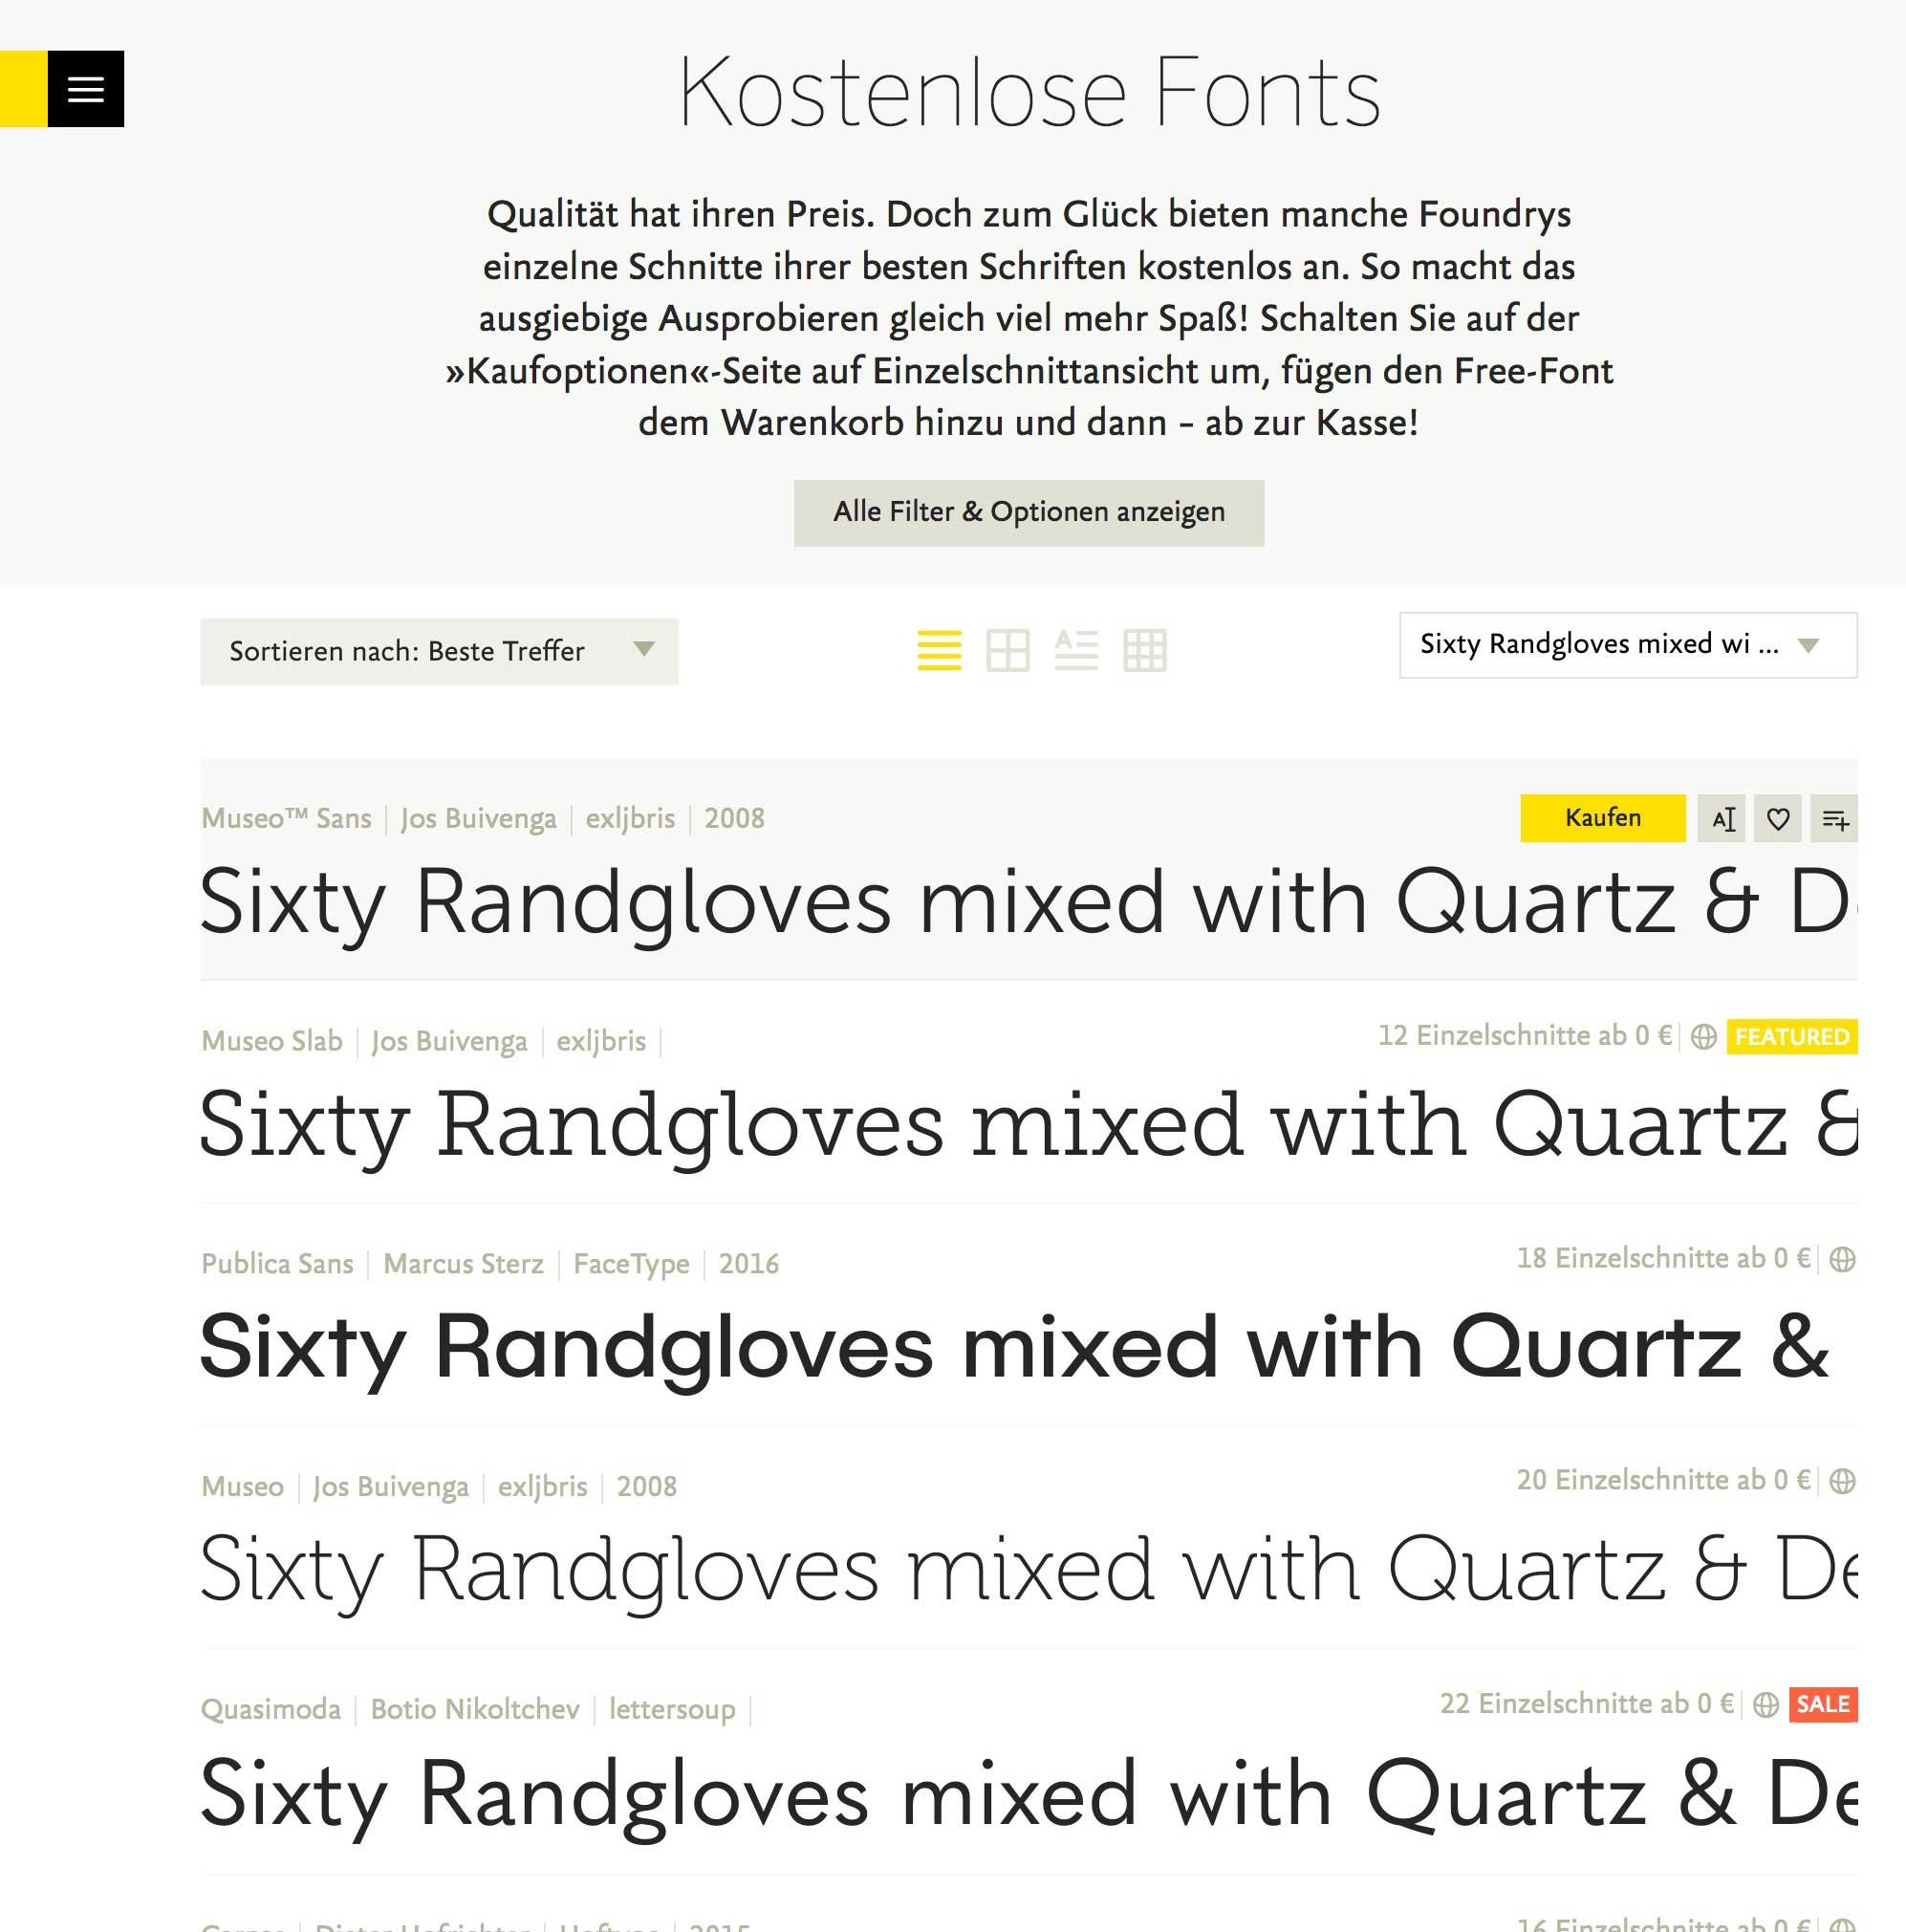 FONTSHOP.COM -> Kostenlose Free-Font-Auswahl